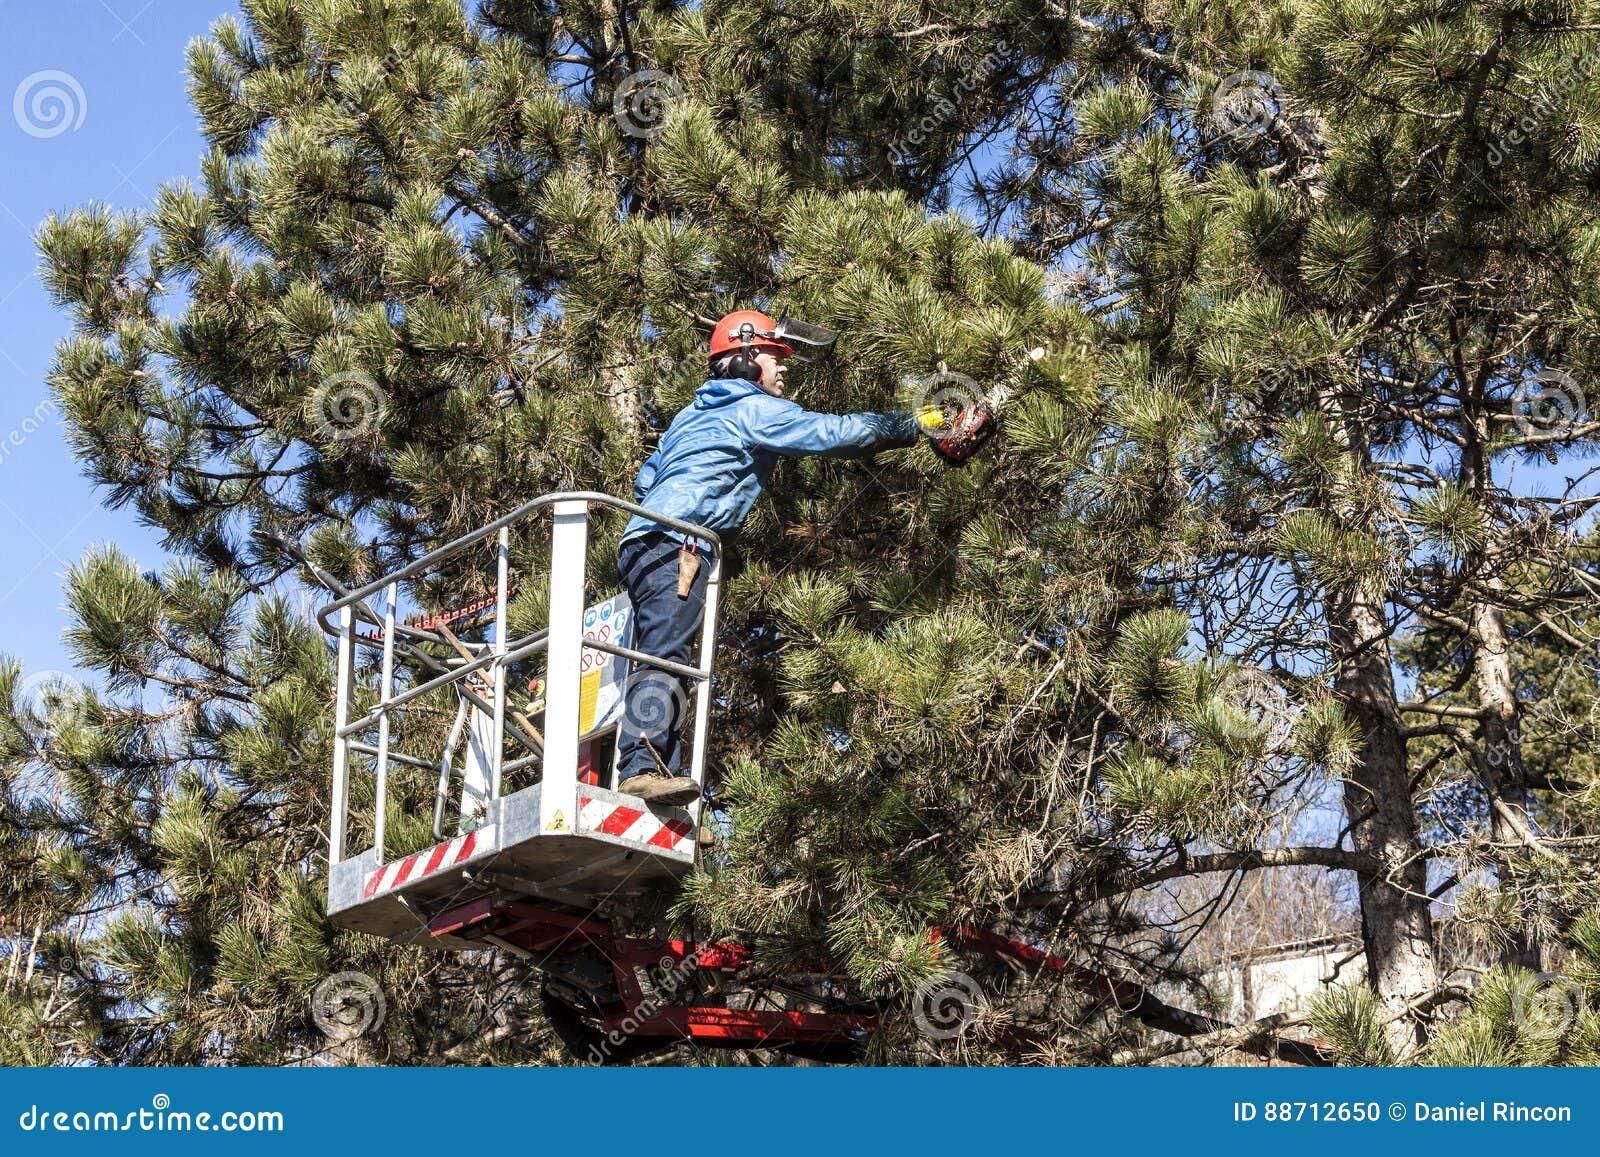 Drzewo przycina mężczyzna z piłą łańcuchową, stoi na machinalnej platformie na dużej wysokości między gałąź austriackie sosny,